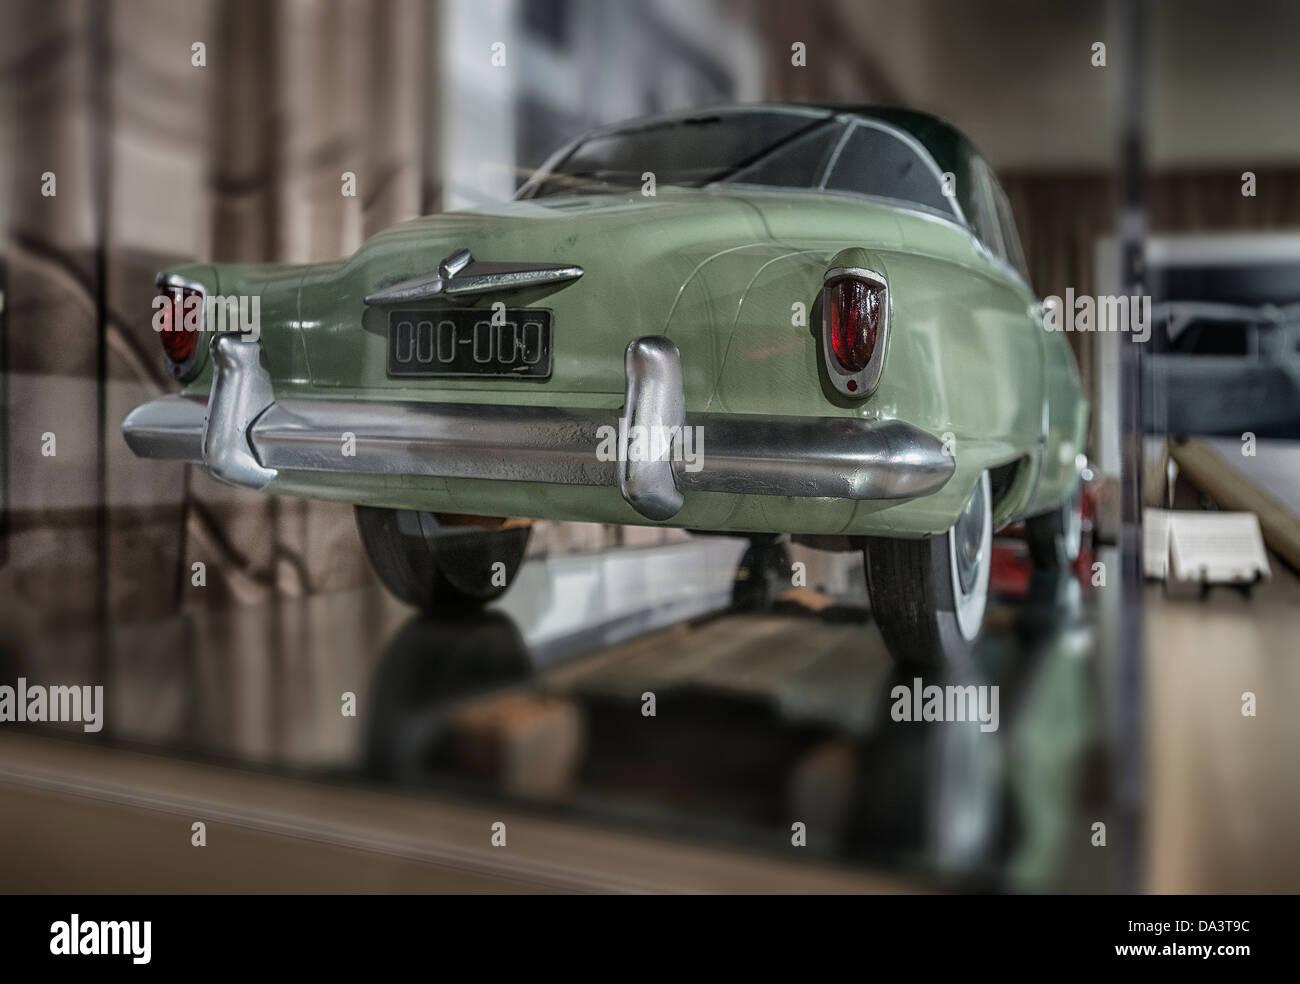 Une étude de conception pour un modèle en argile1950's automobile Studebaker Photo Stock